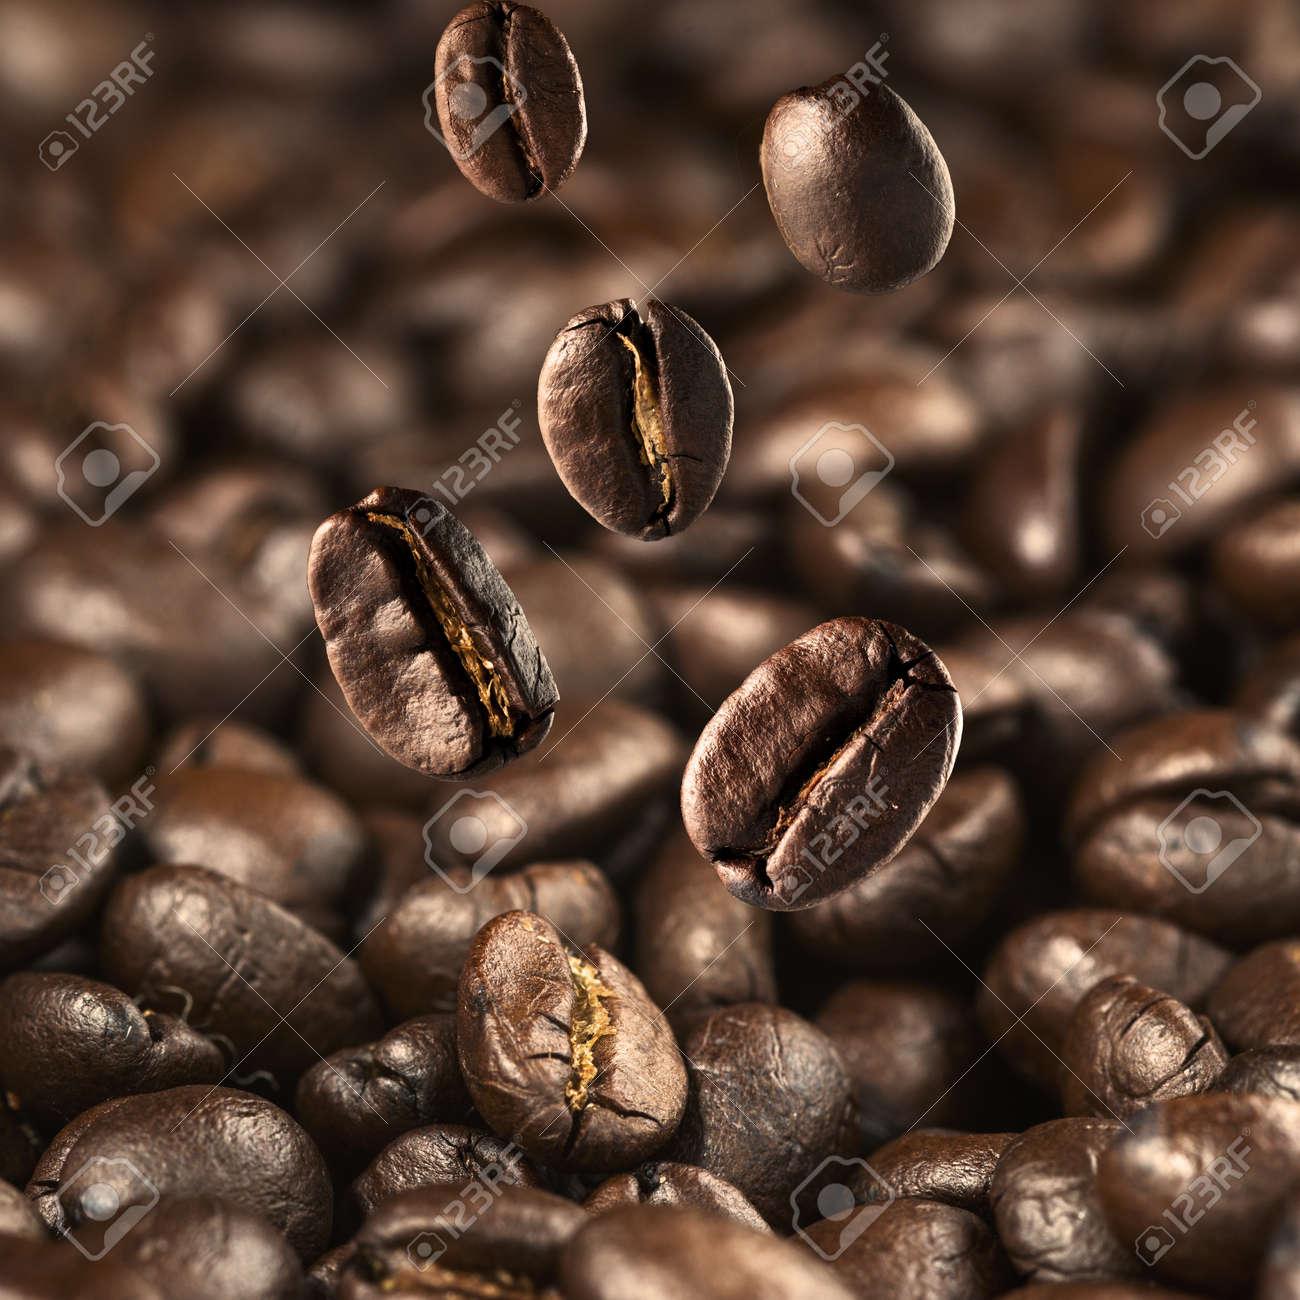 Coffee bean falling Stock Photo - 19805291